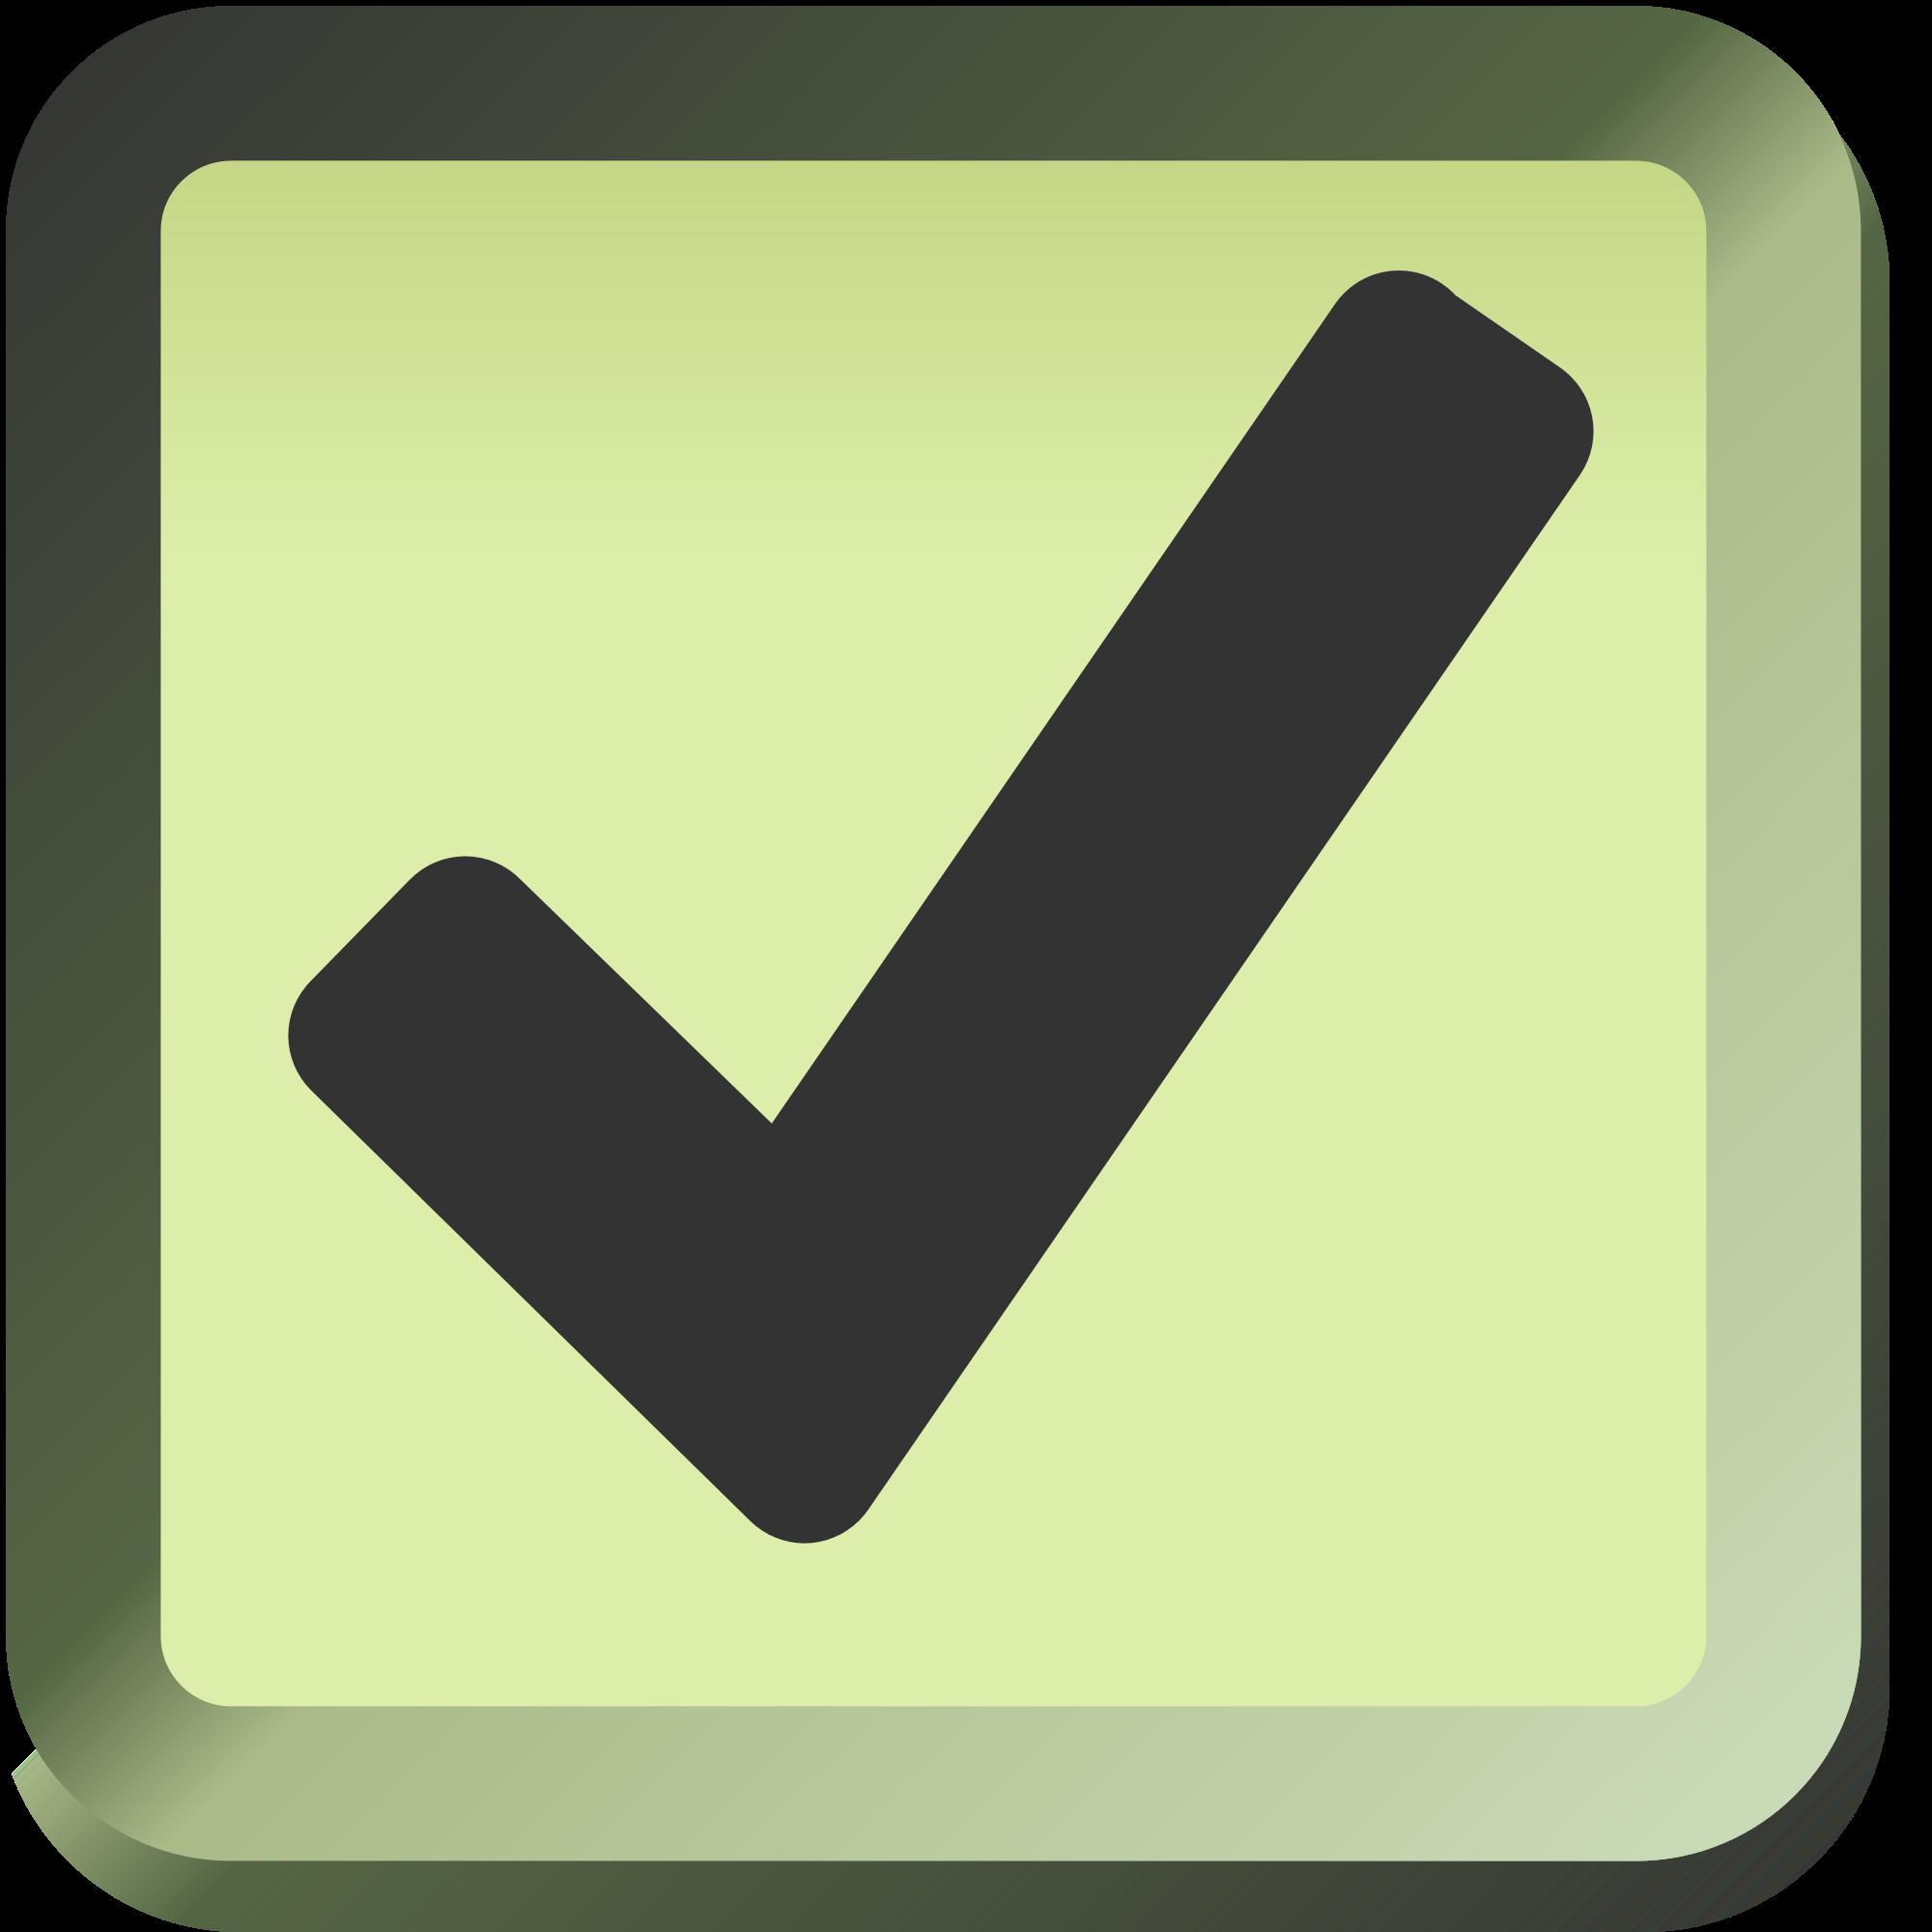 Checkbox_1.svg